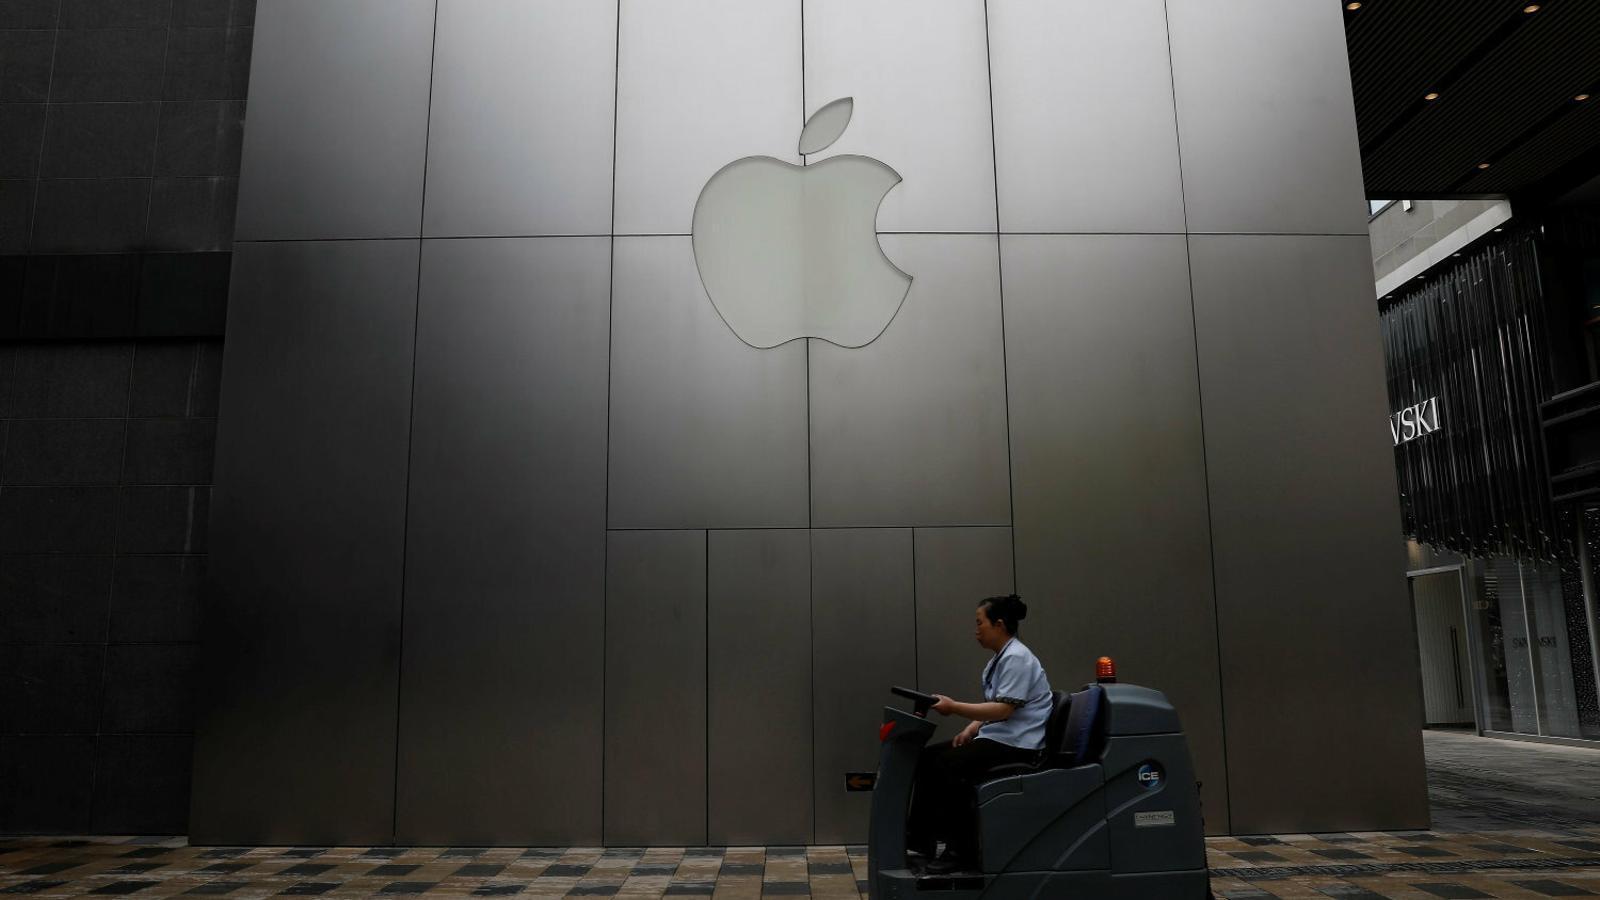 Rumors de la desintegració d'iTunes després que desaparegui el seu domini